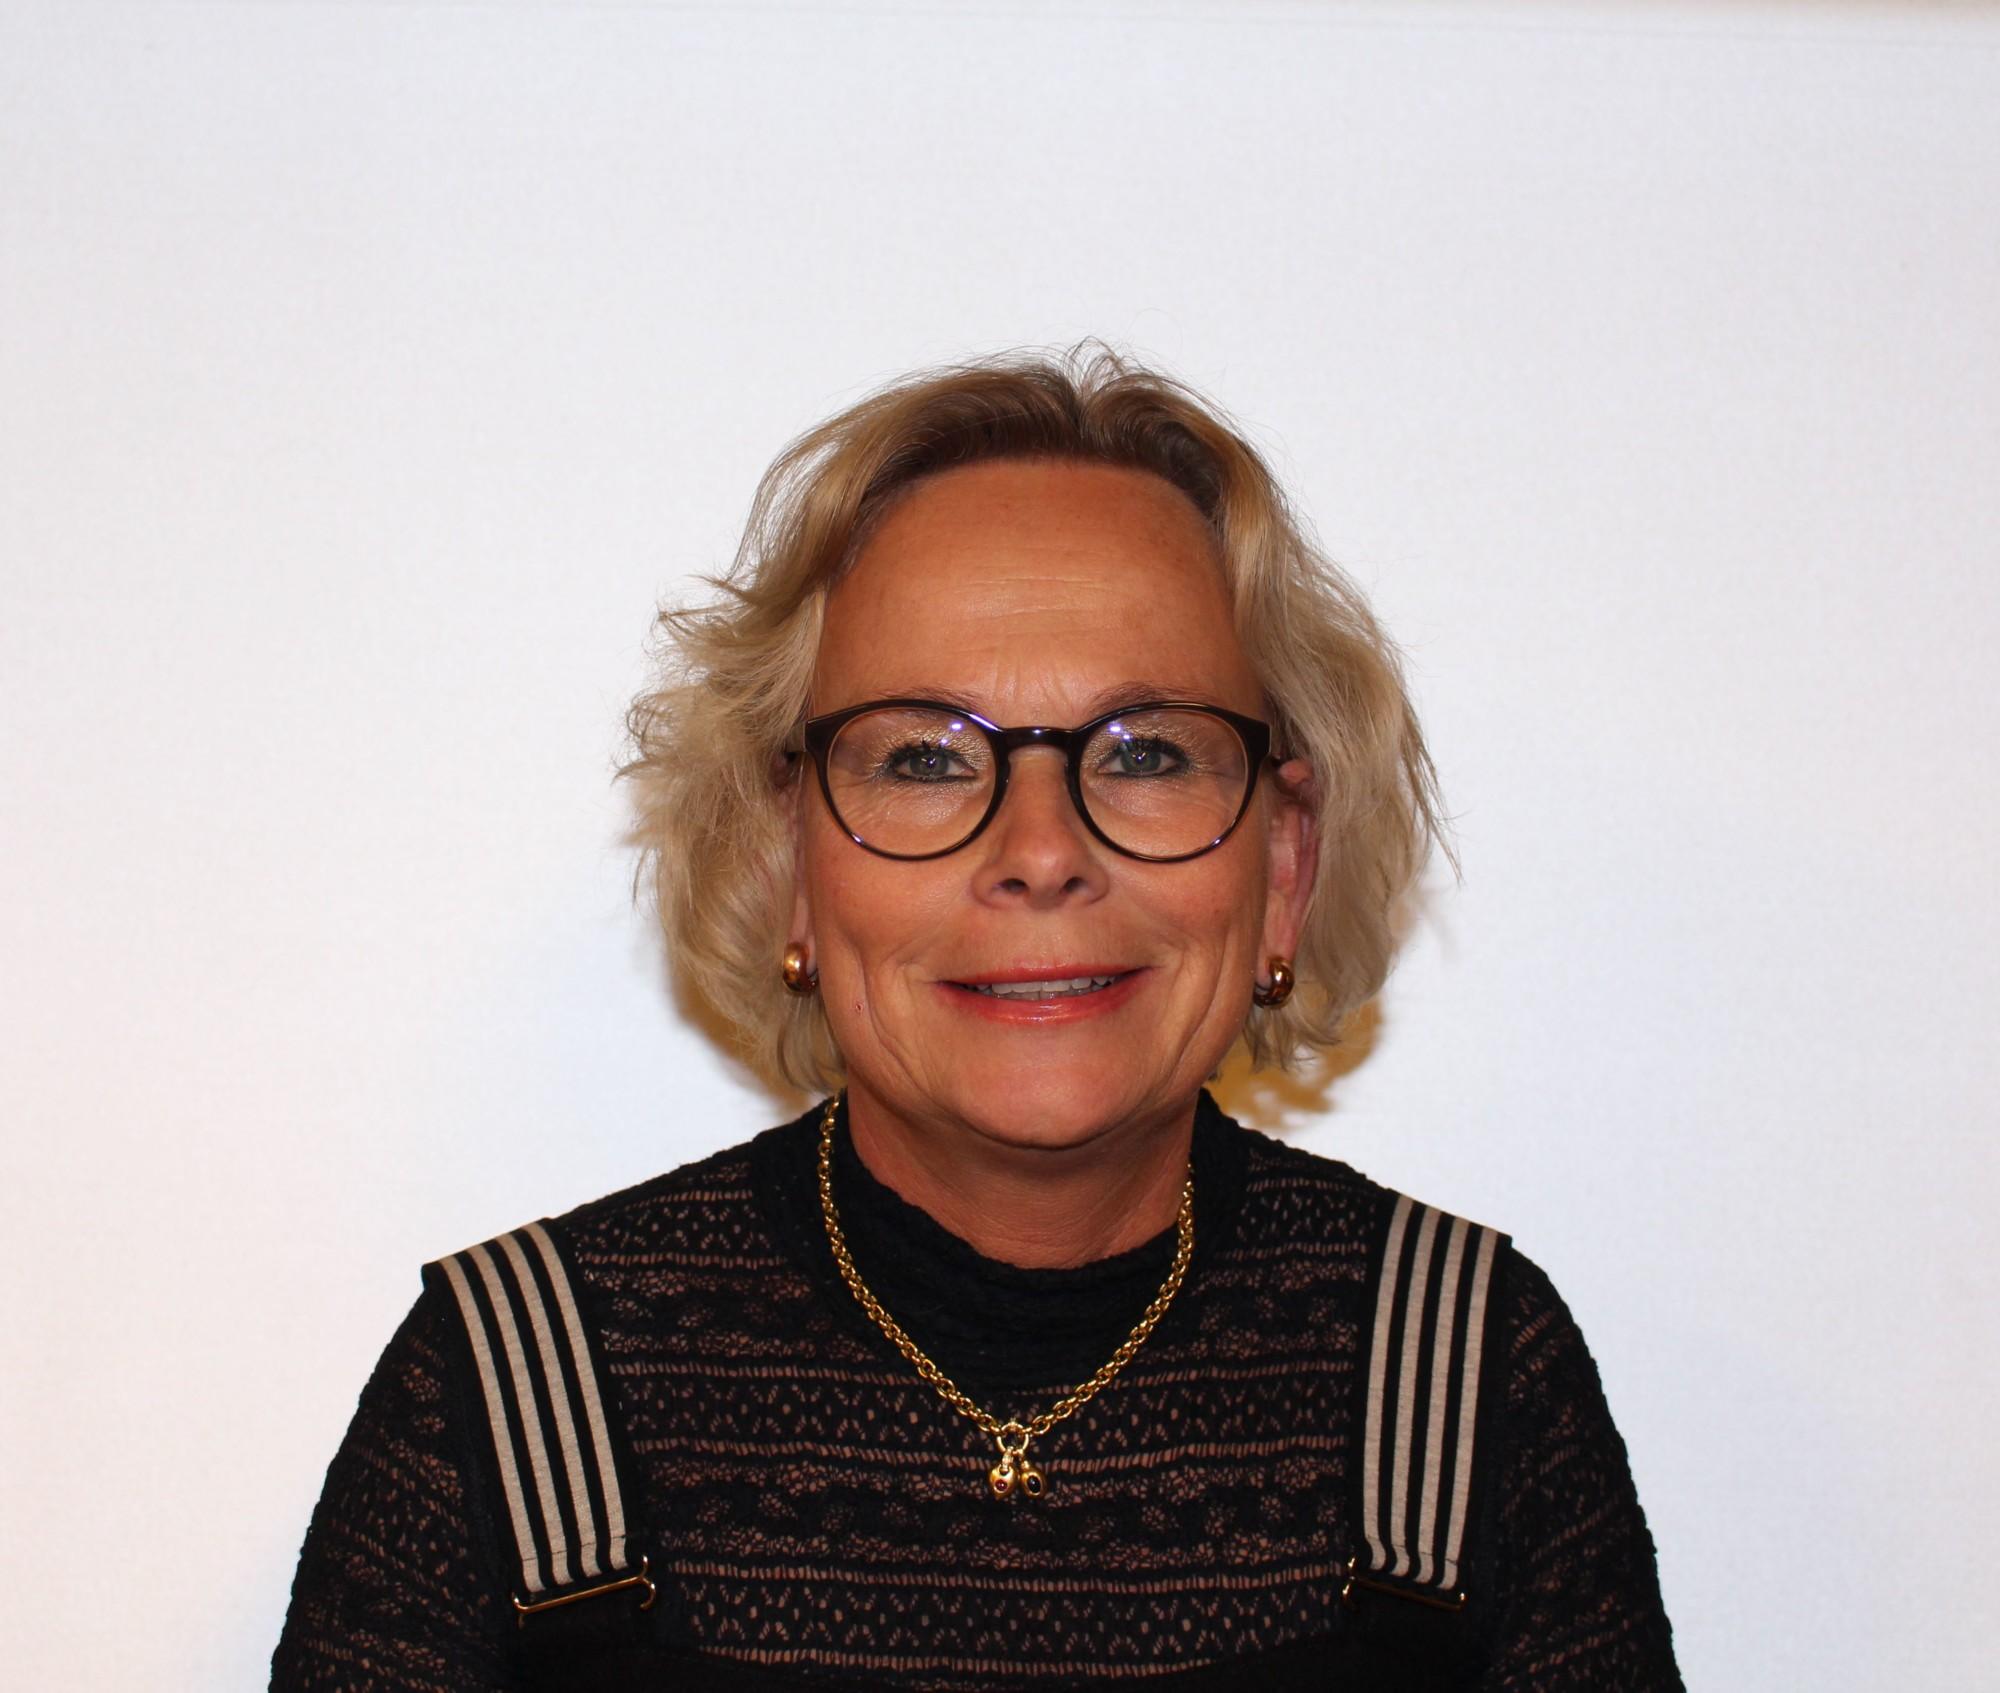 Linda Veerbeek